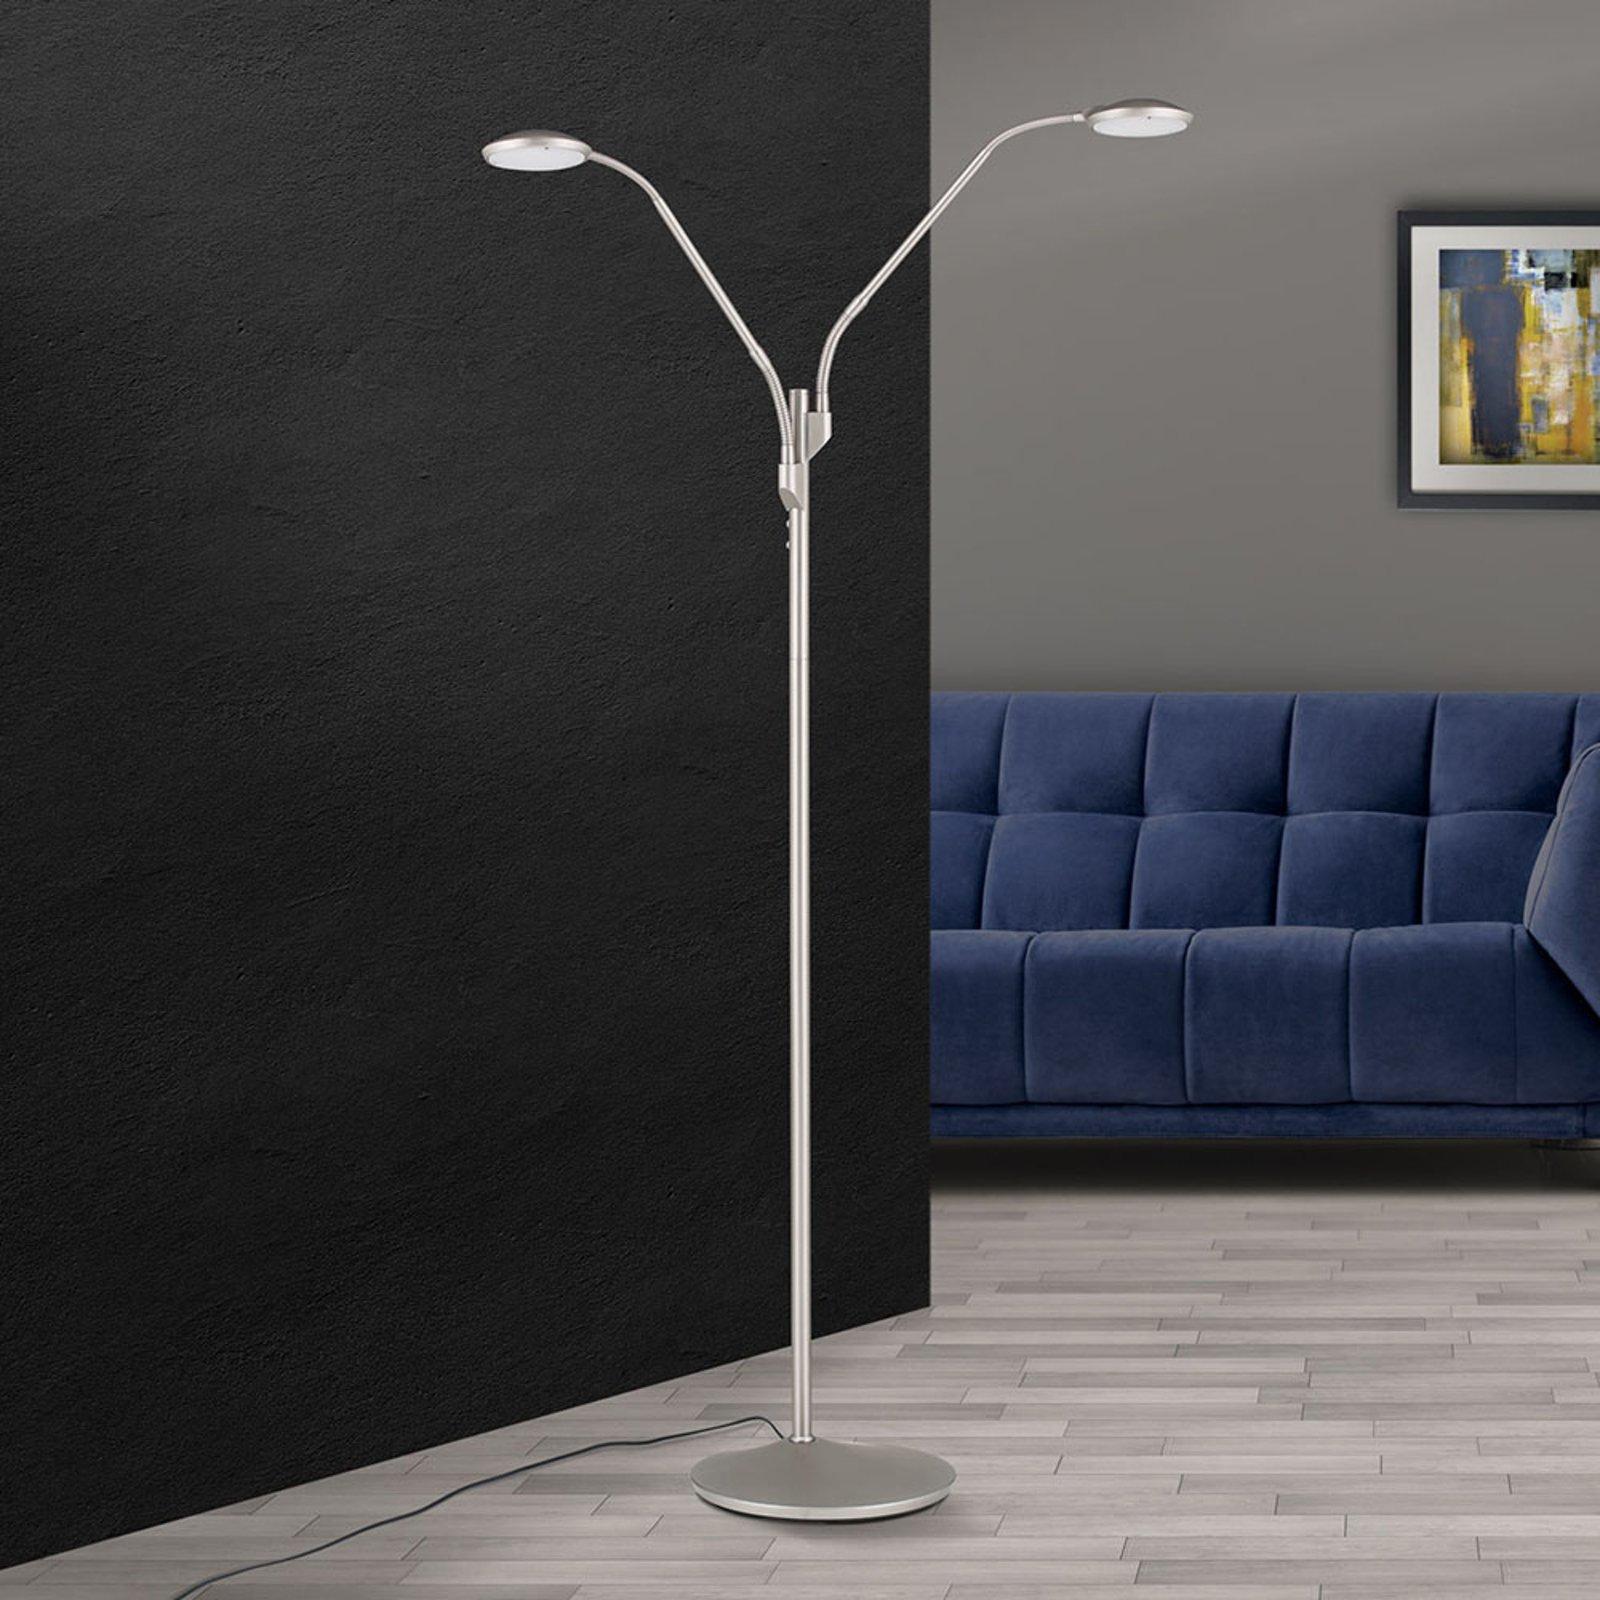 LED-gulvlampe Cobra, 2 lyskilder, nikkel-matt